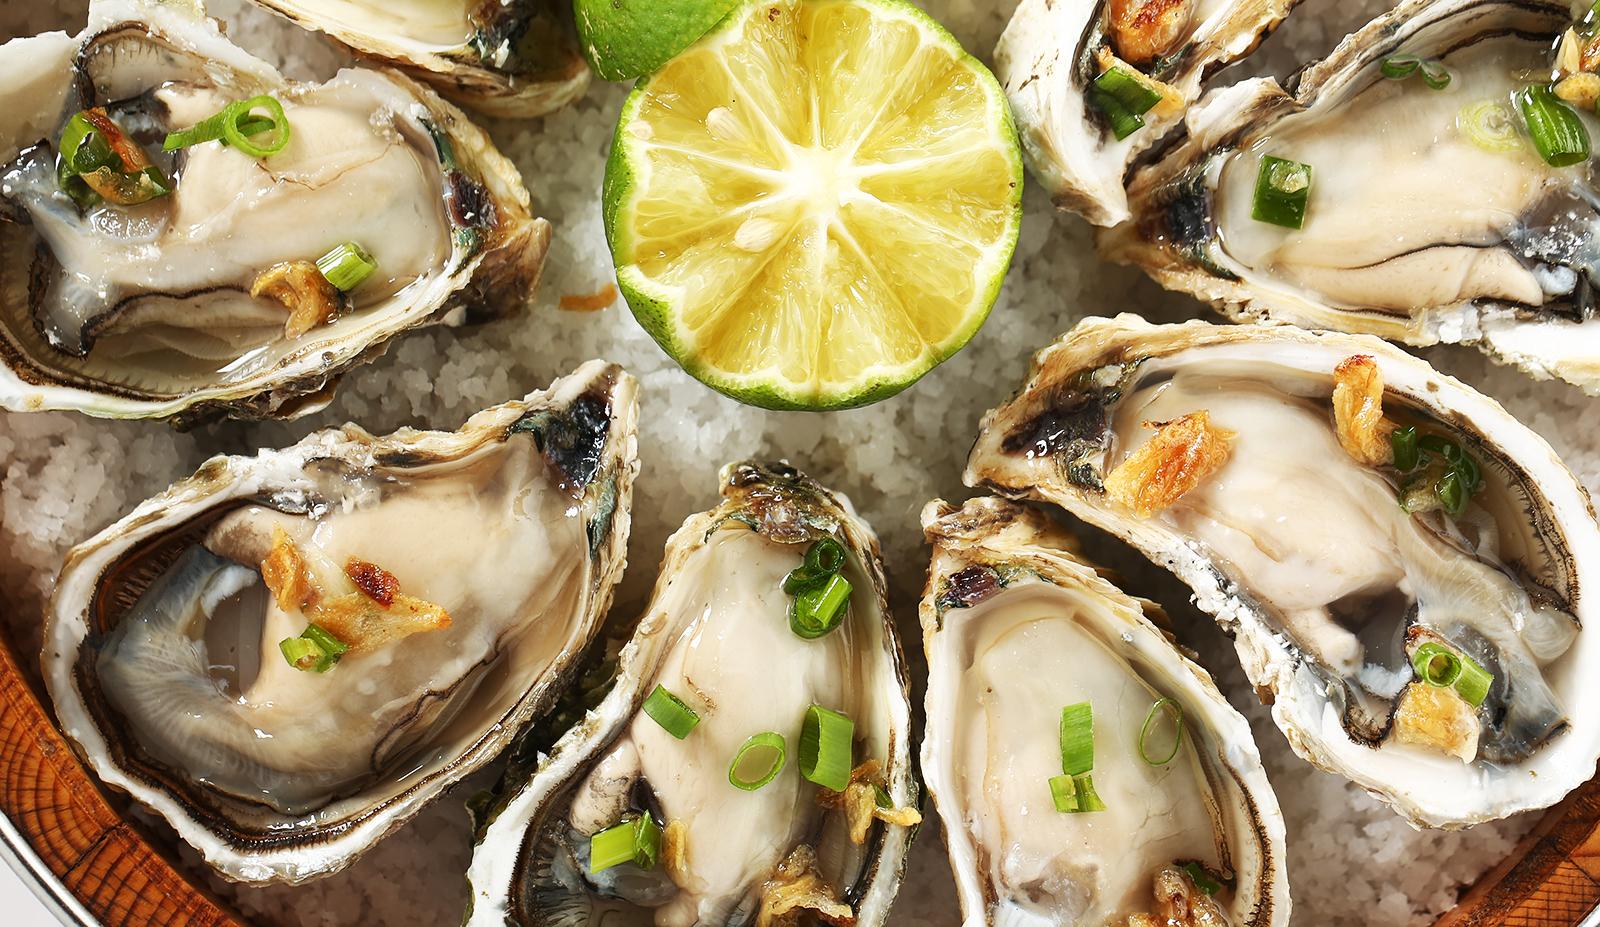 Gợi ý 10 thực phẩm tăng cường sinh lý cho nam giới tốt nhất